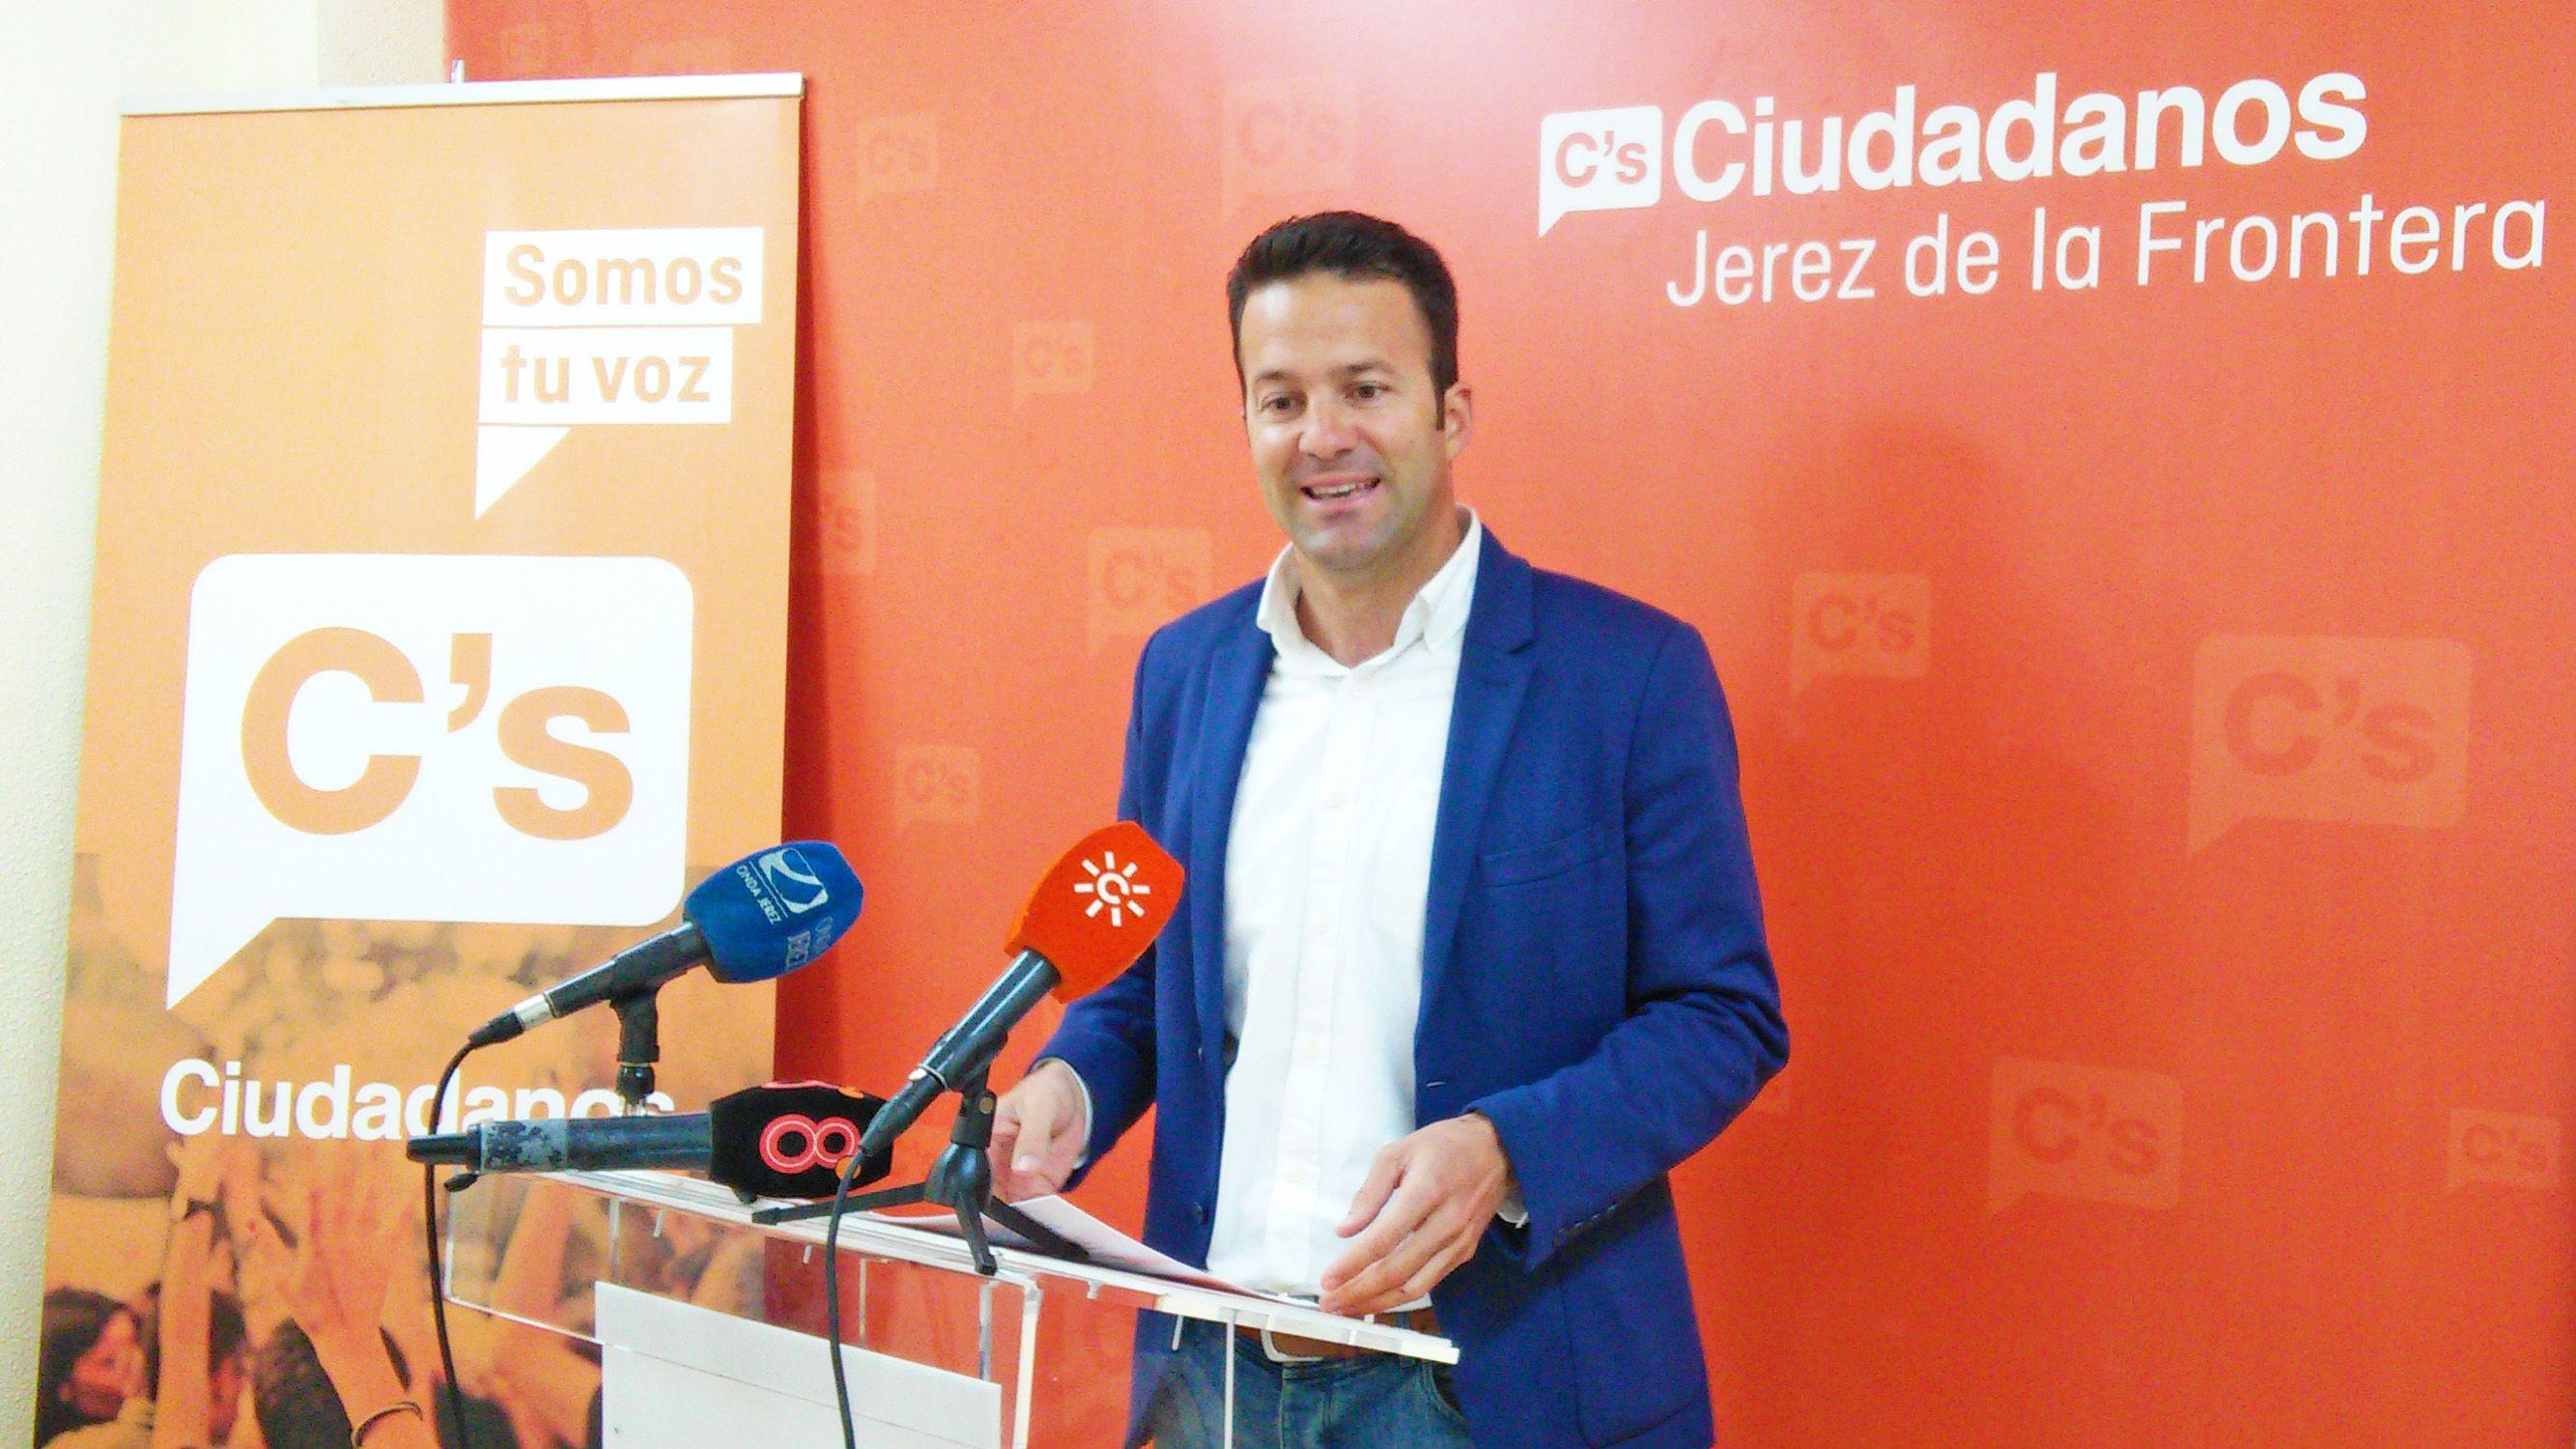 Carlos Perez Ciudadanos Jerez